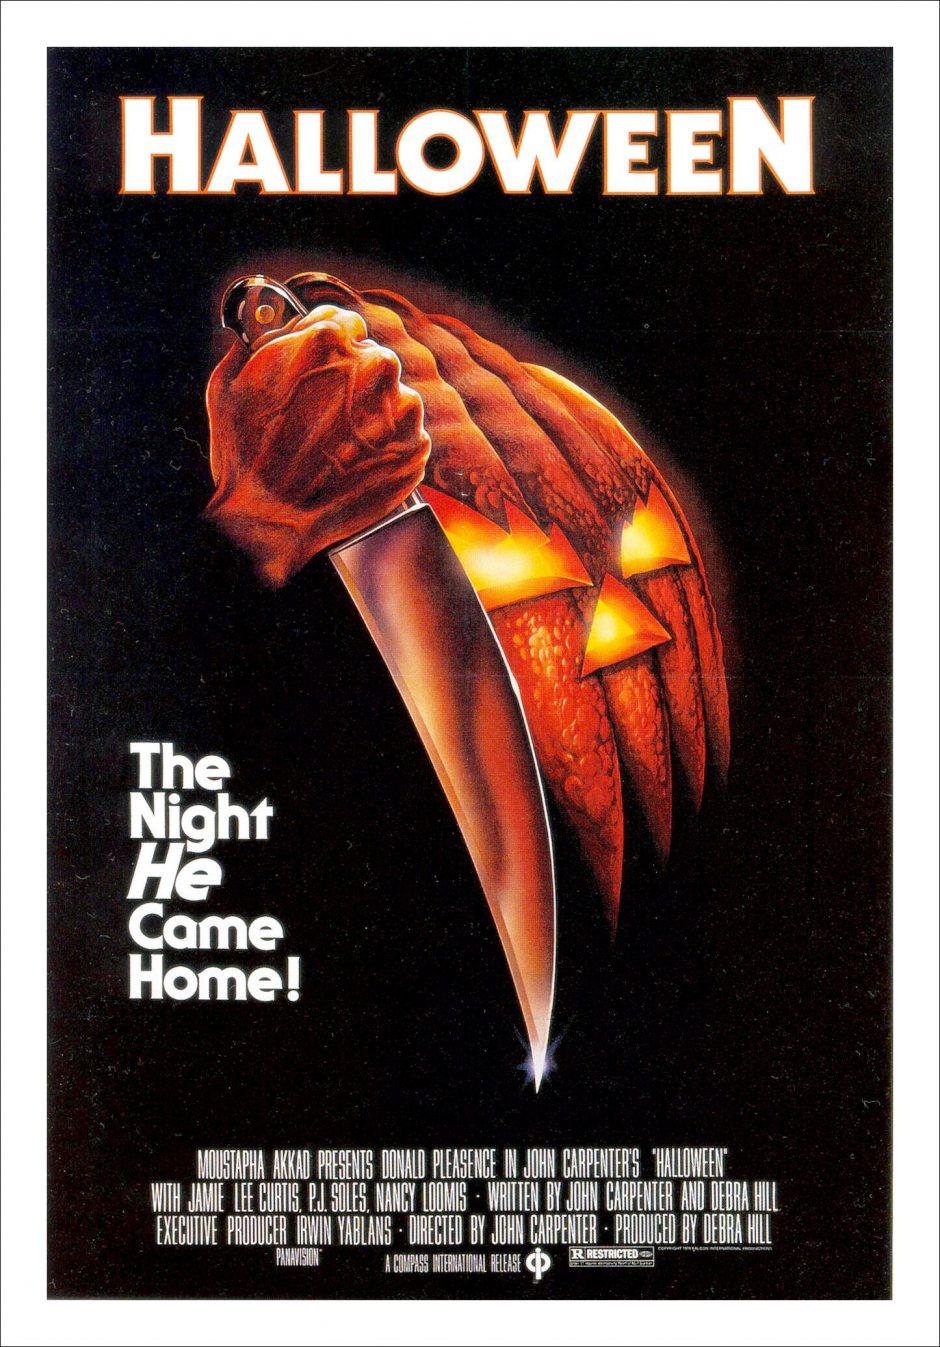 halloween - הלוואין